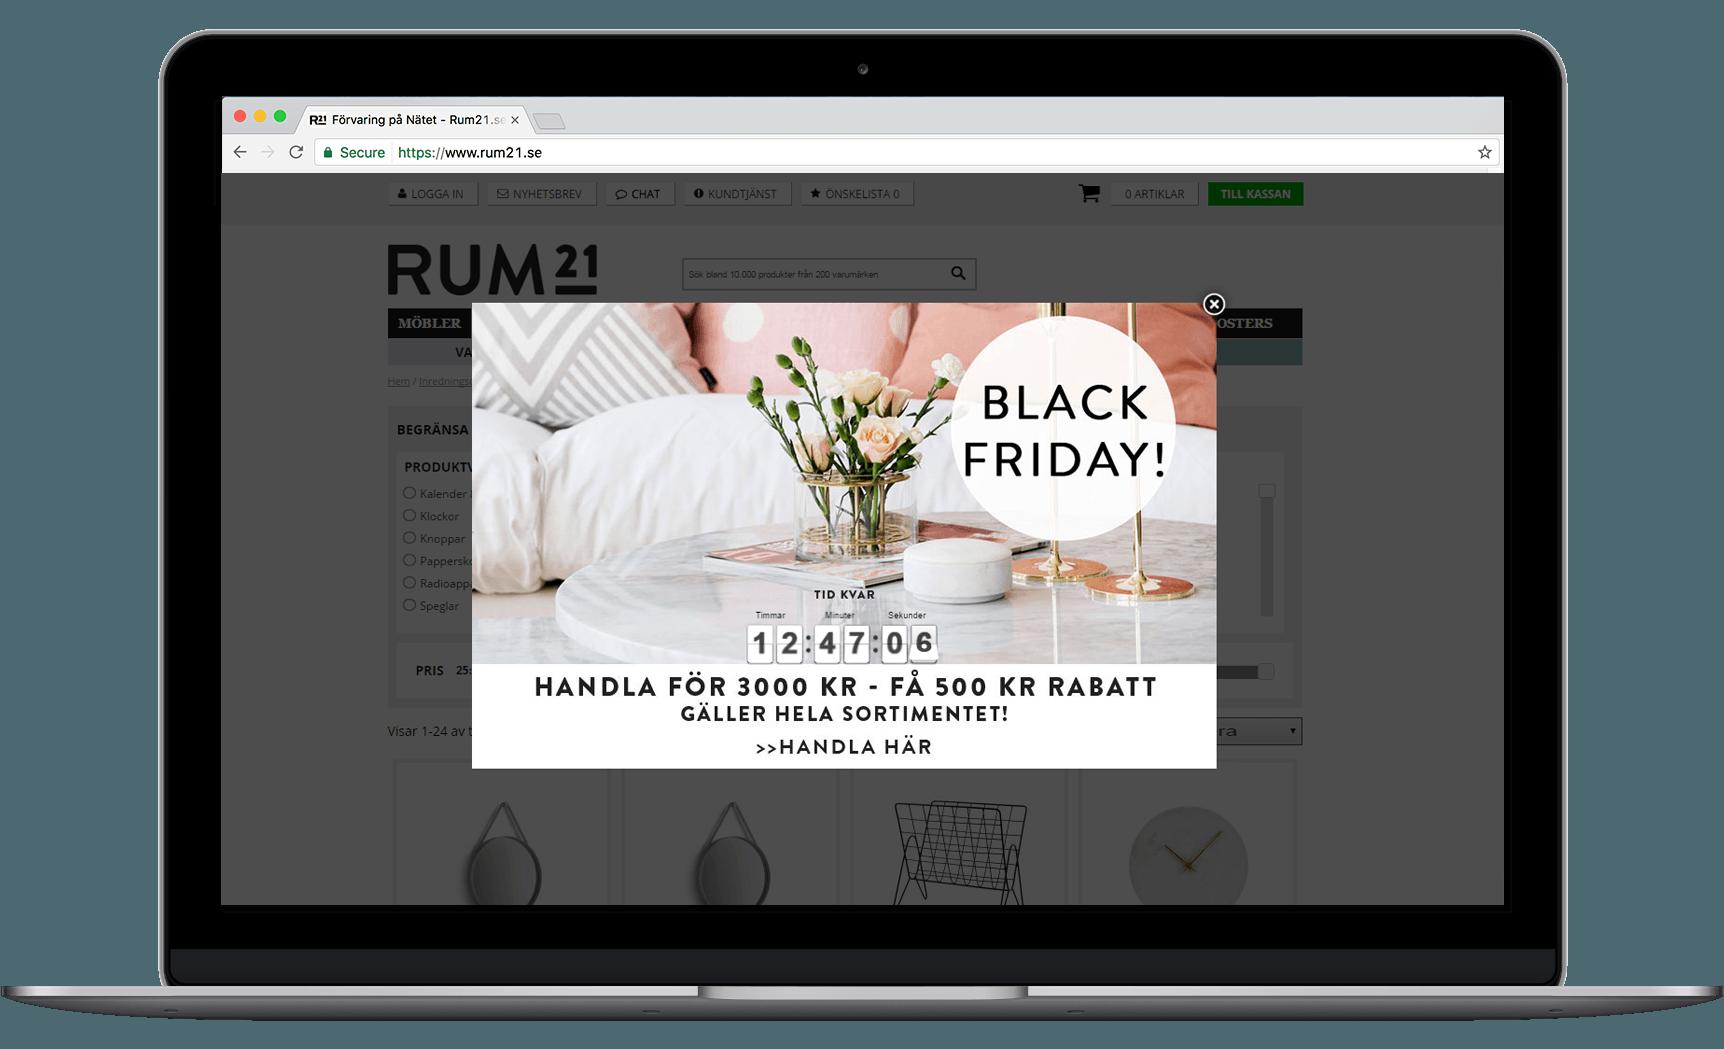 Rum21 Cyber Week countdown clock campaign